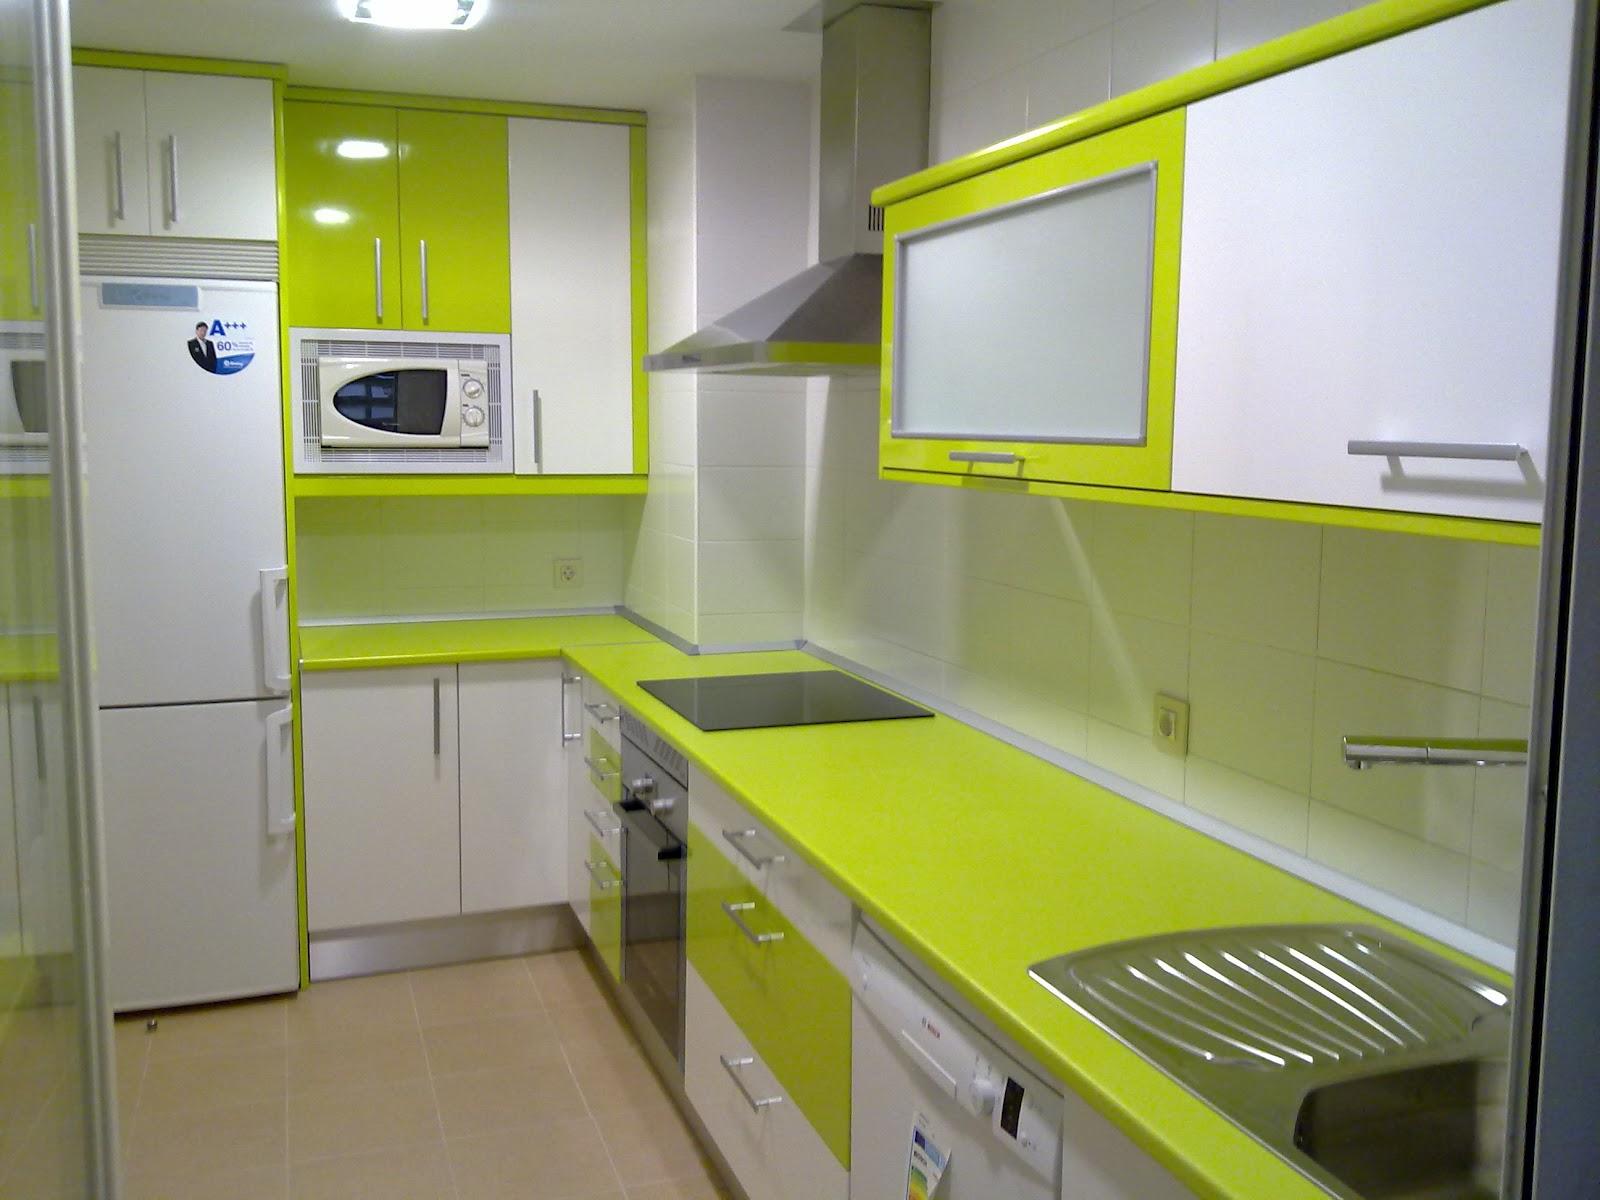 Muebles de cocina sueltos en granada ideas - Remates encimeras cocinas ...